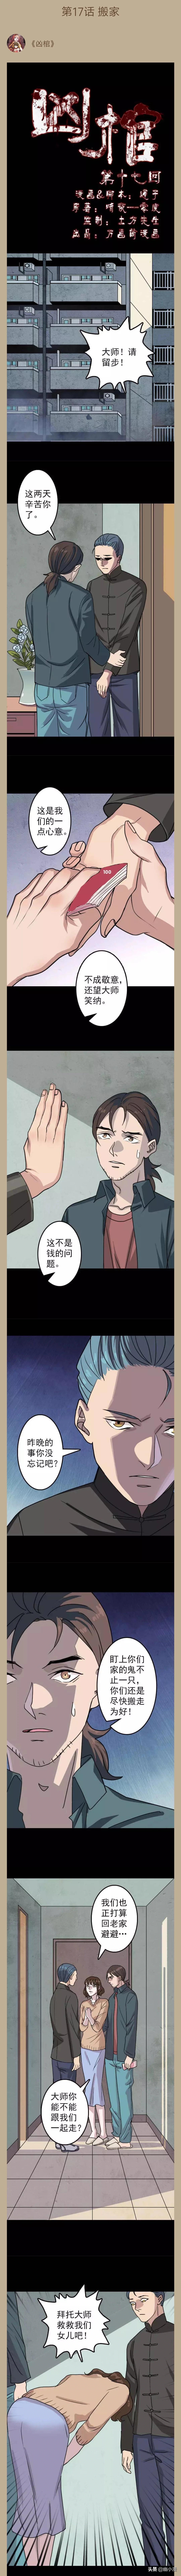 恐怖悬疑惊悚盗墓漫画小说《凶棺》连载-第17章:搬家